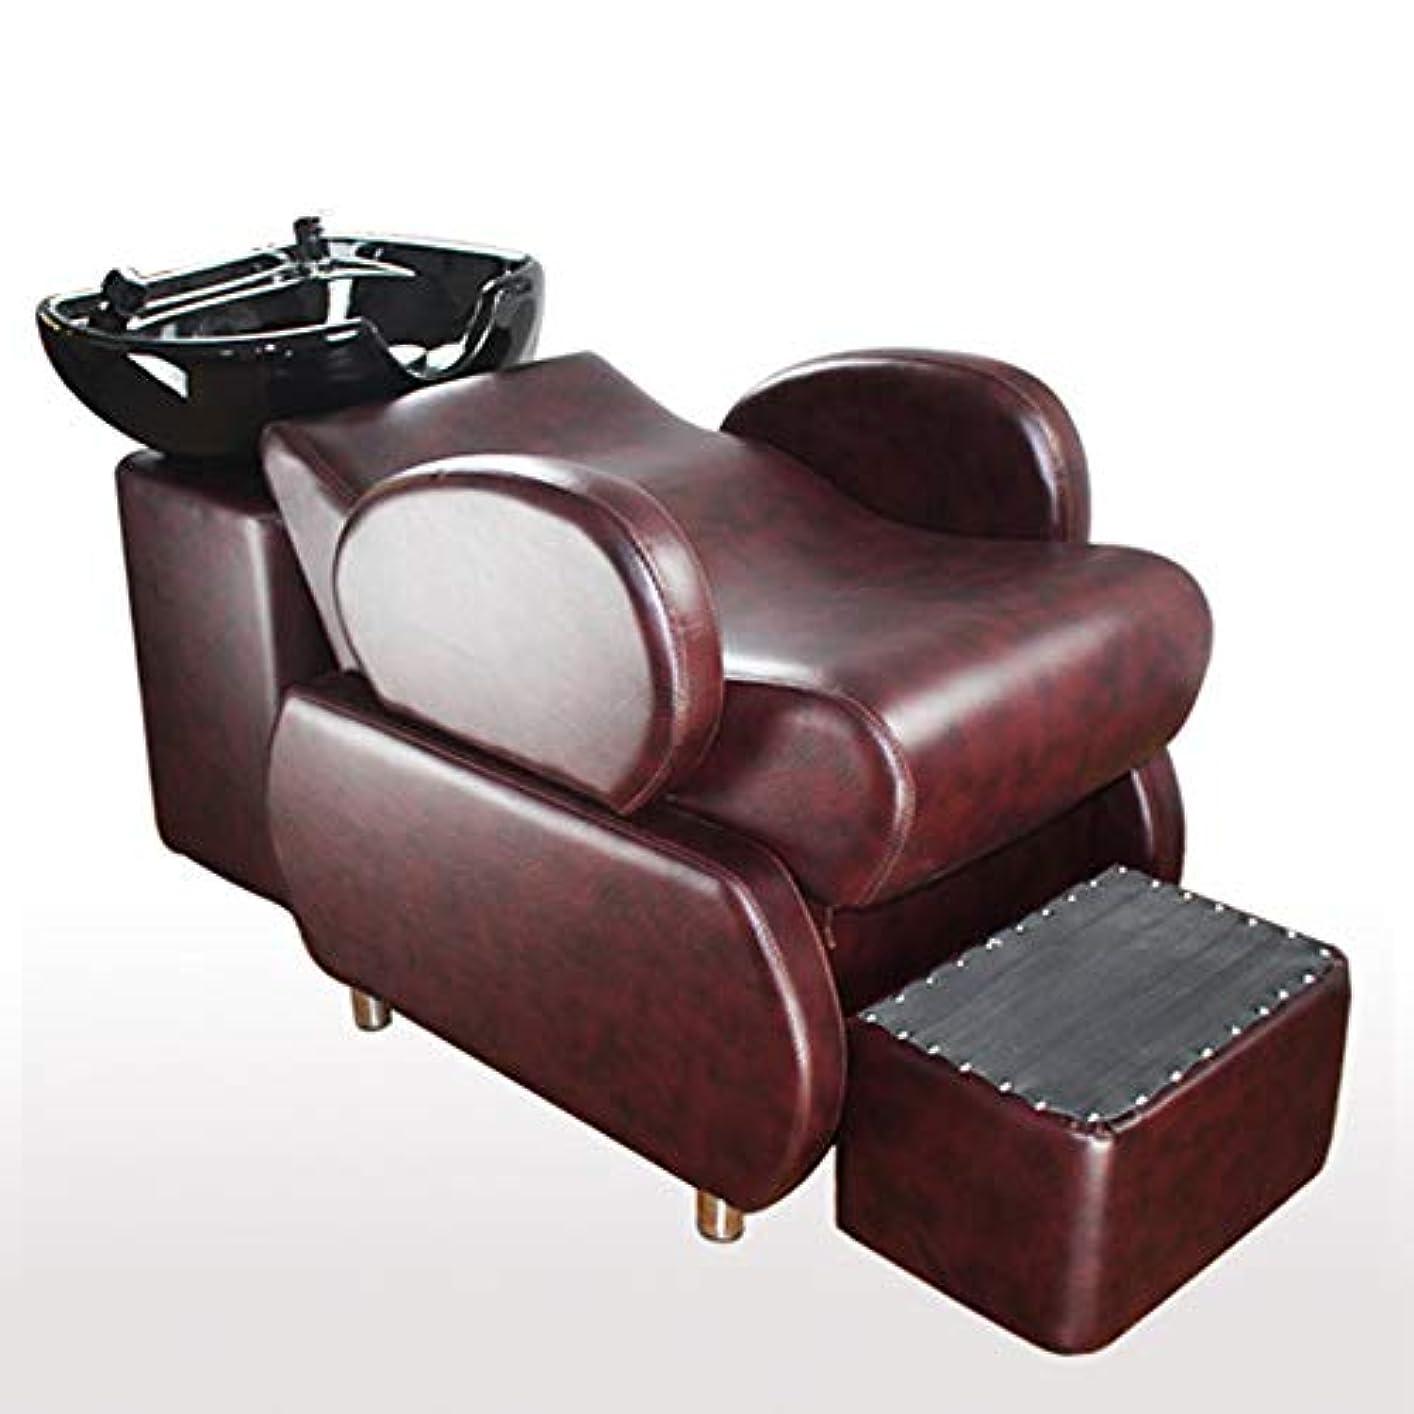 信仰白い平和的シャンプー椅子、逆洗ユニットシャンプーボウル理髪シンク椅子半横たわっているシャンプーベッドスパ美容院機器